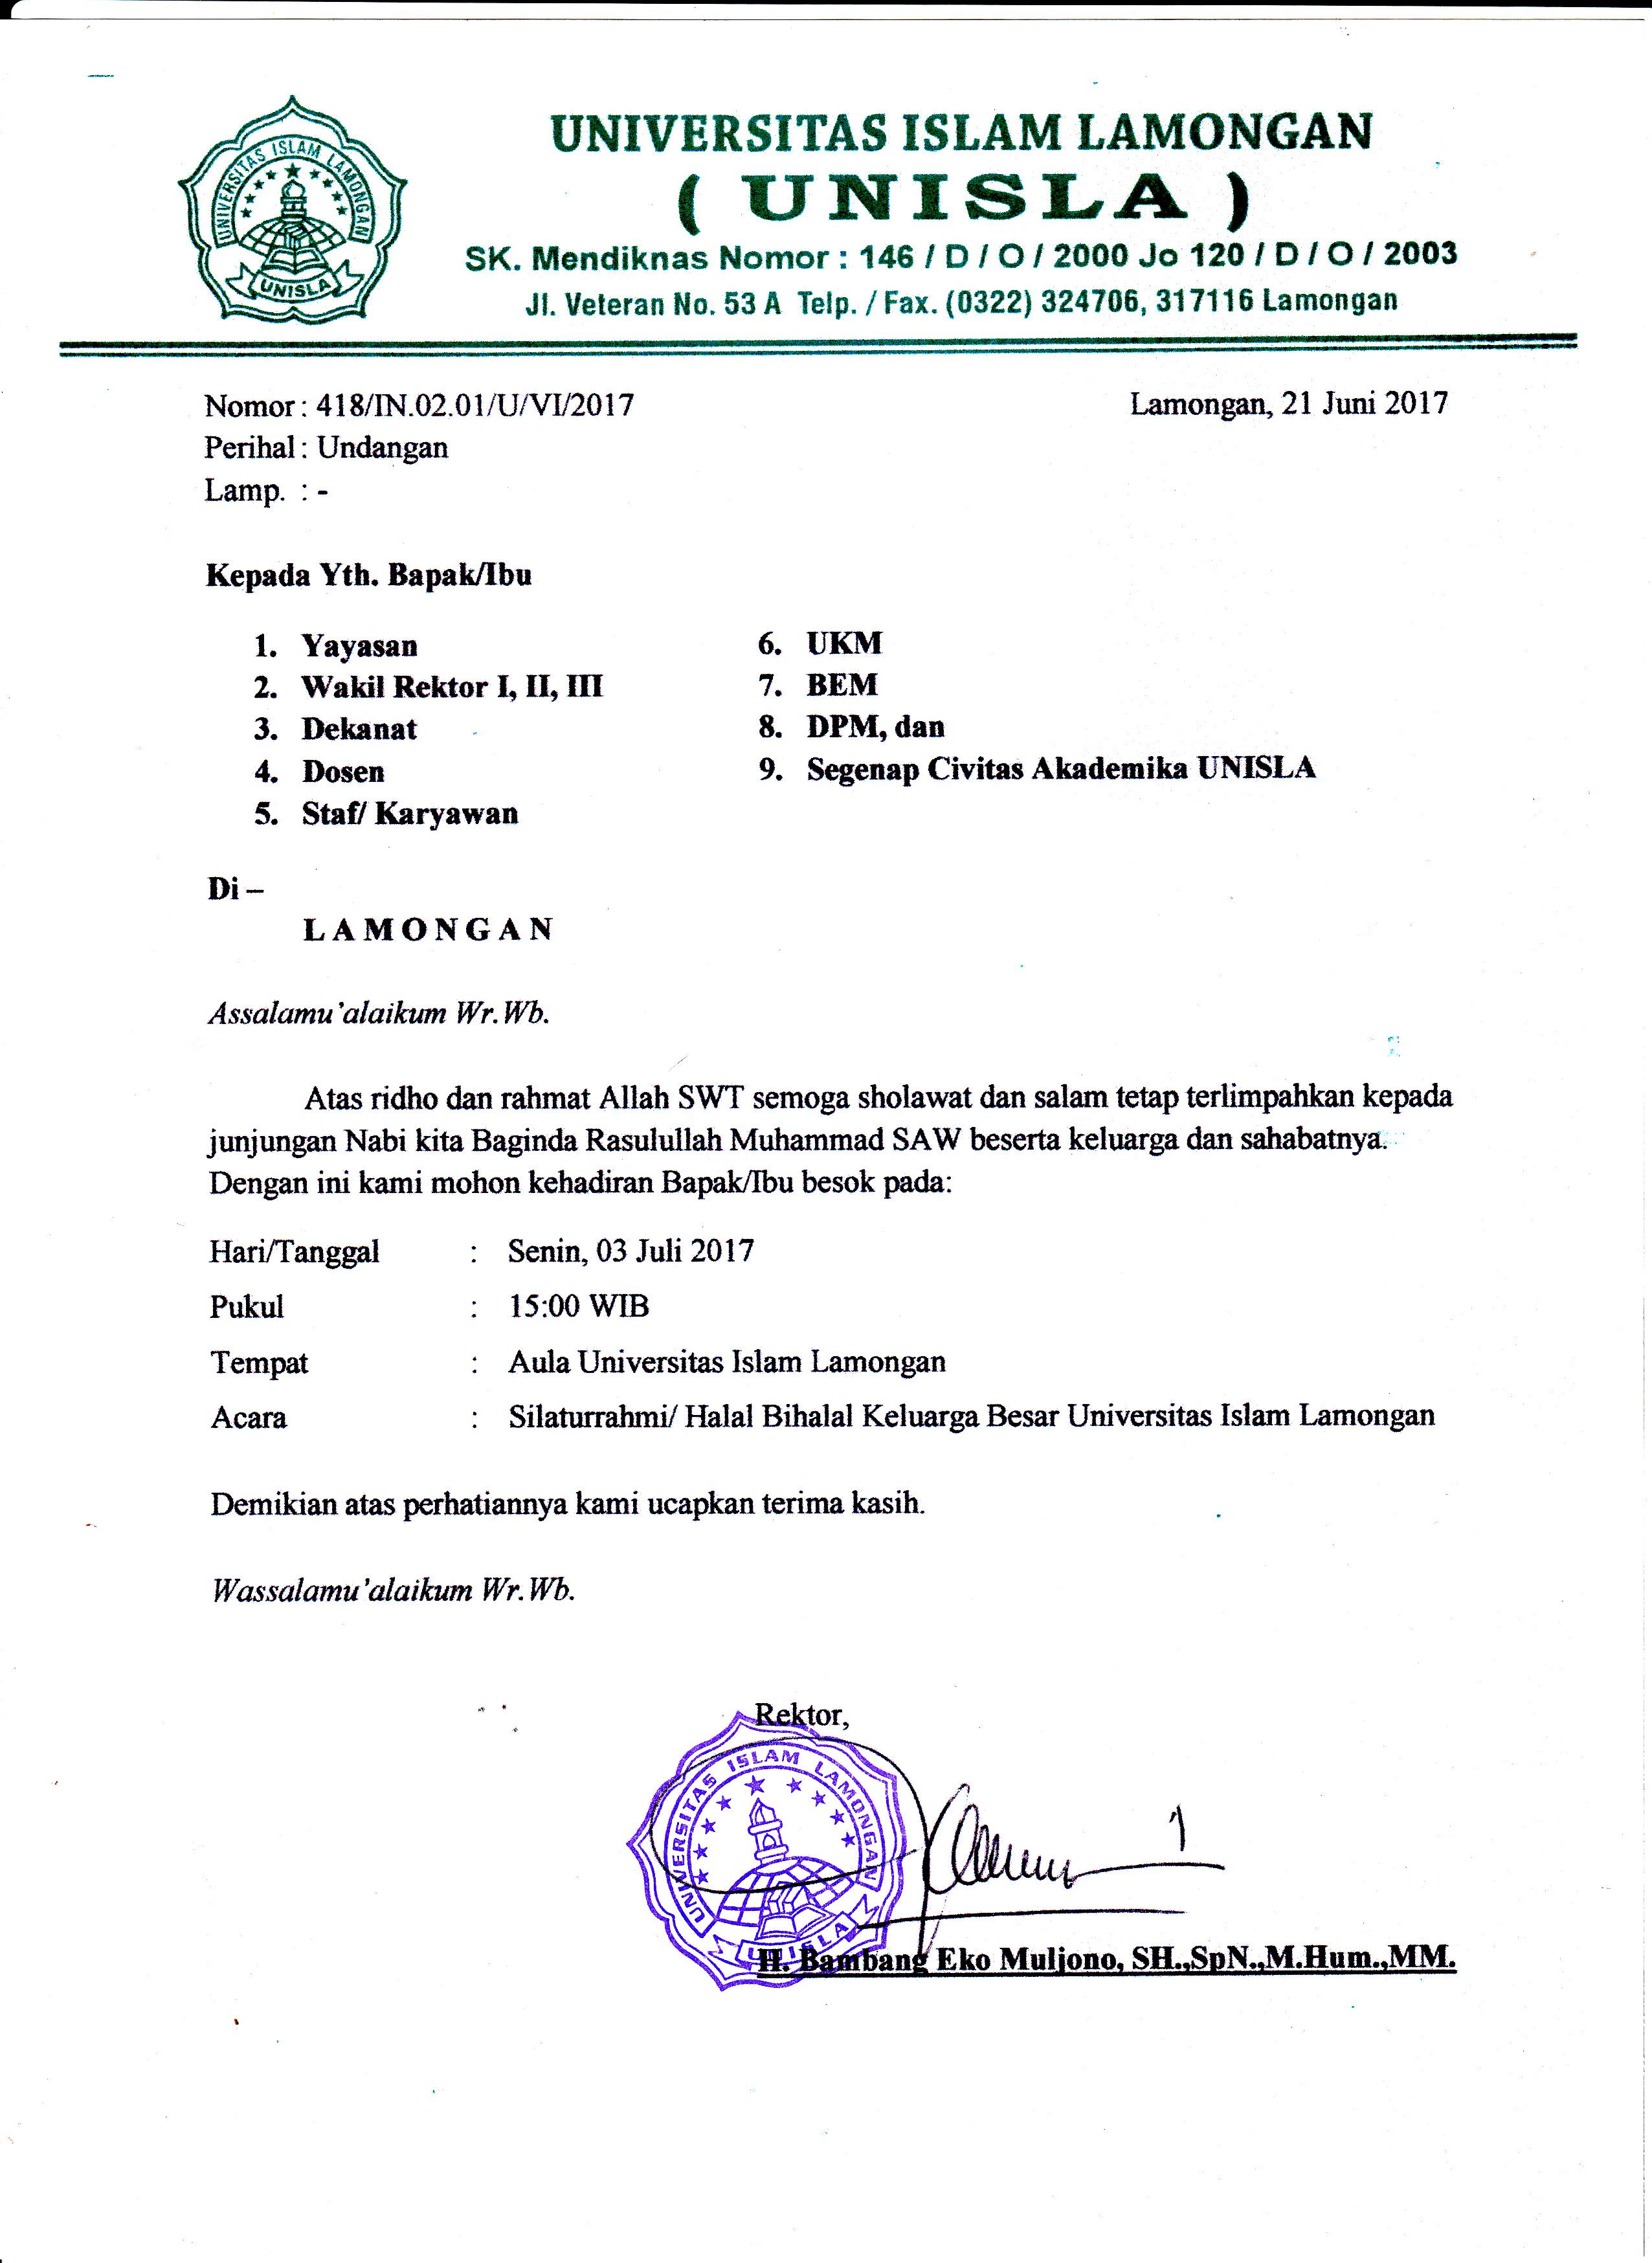 Halal bi Halah 2017